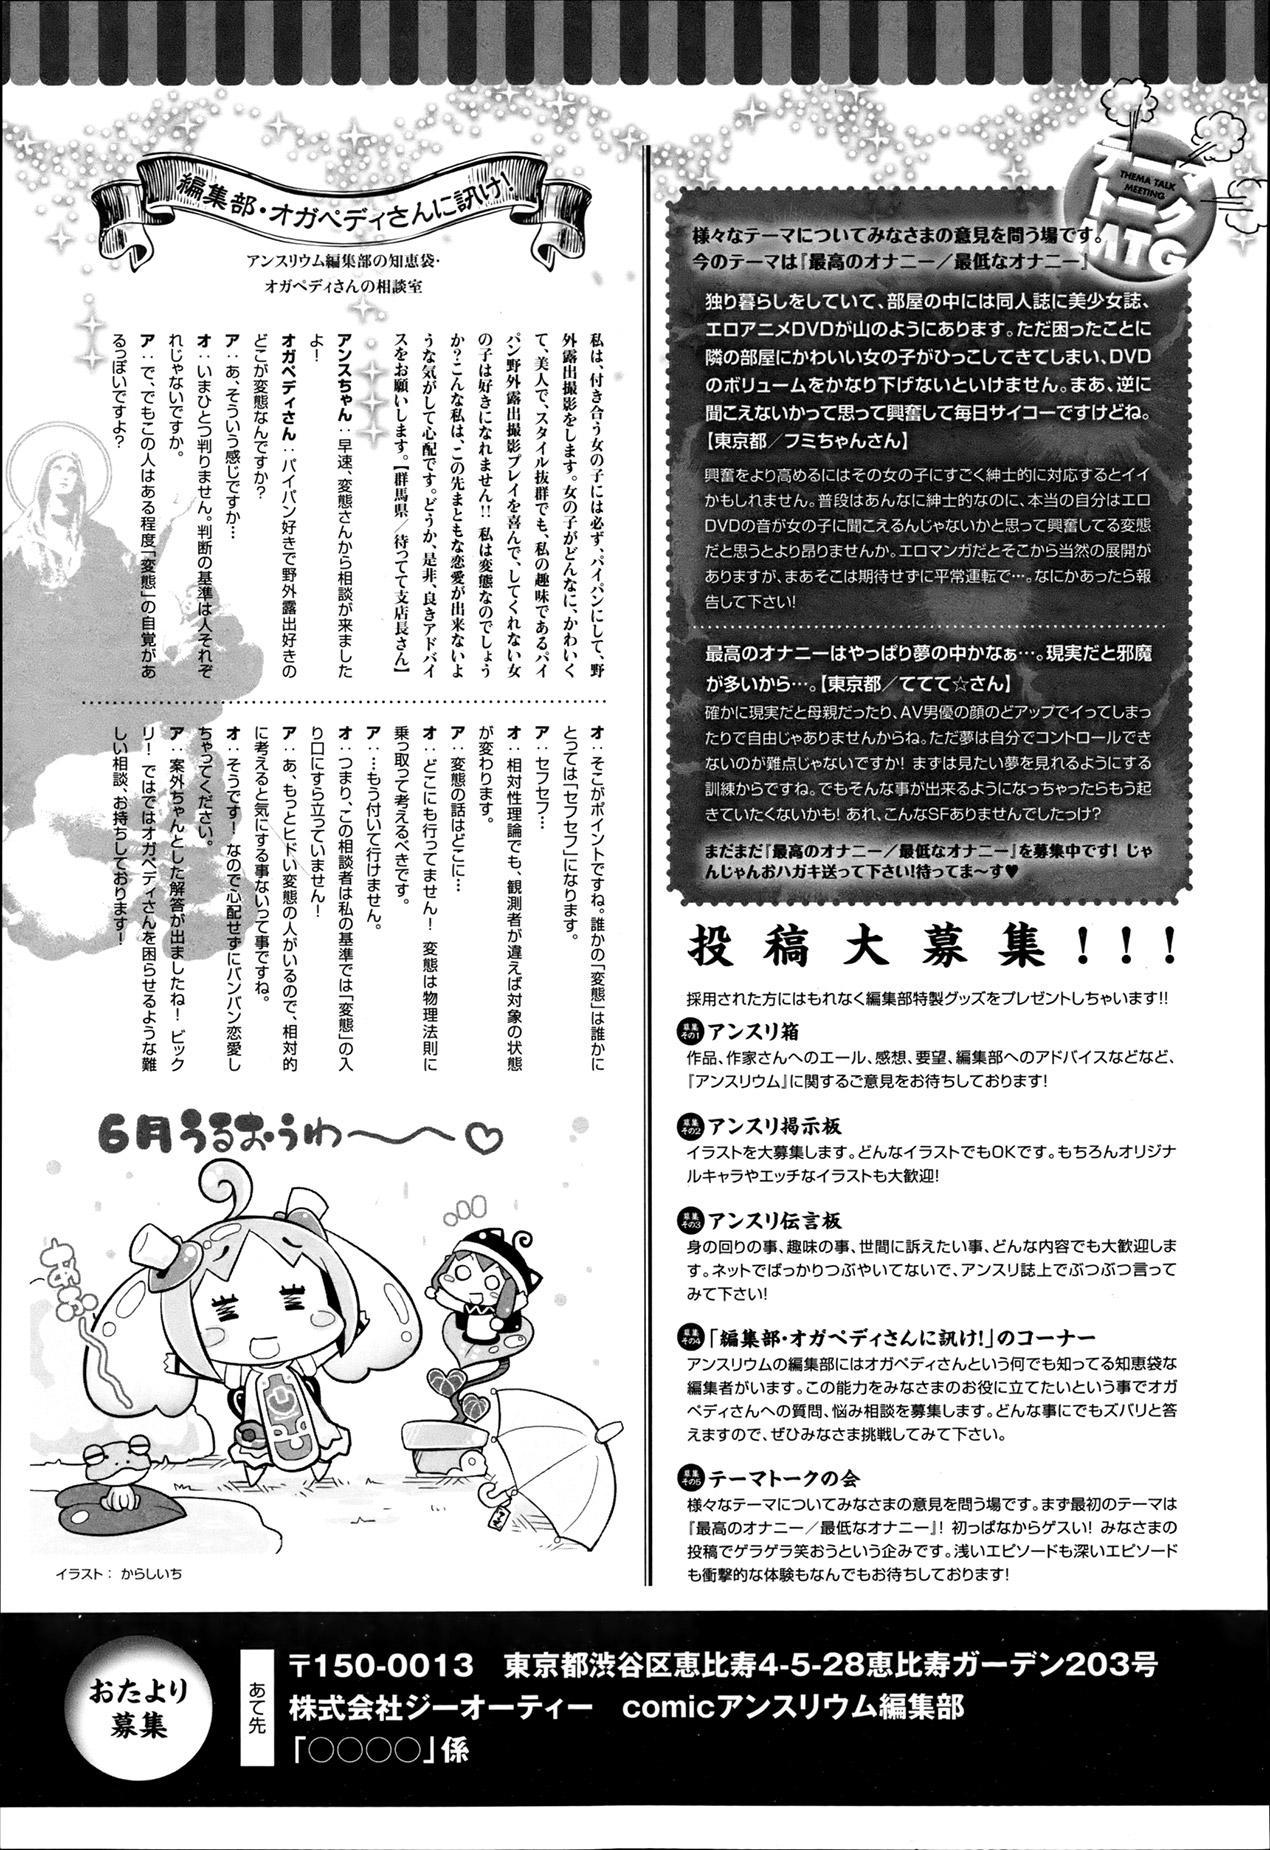 COMIC Anthurium 003 2013-07 392